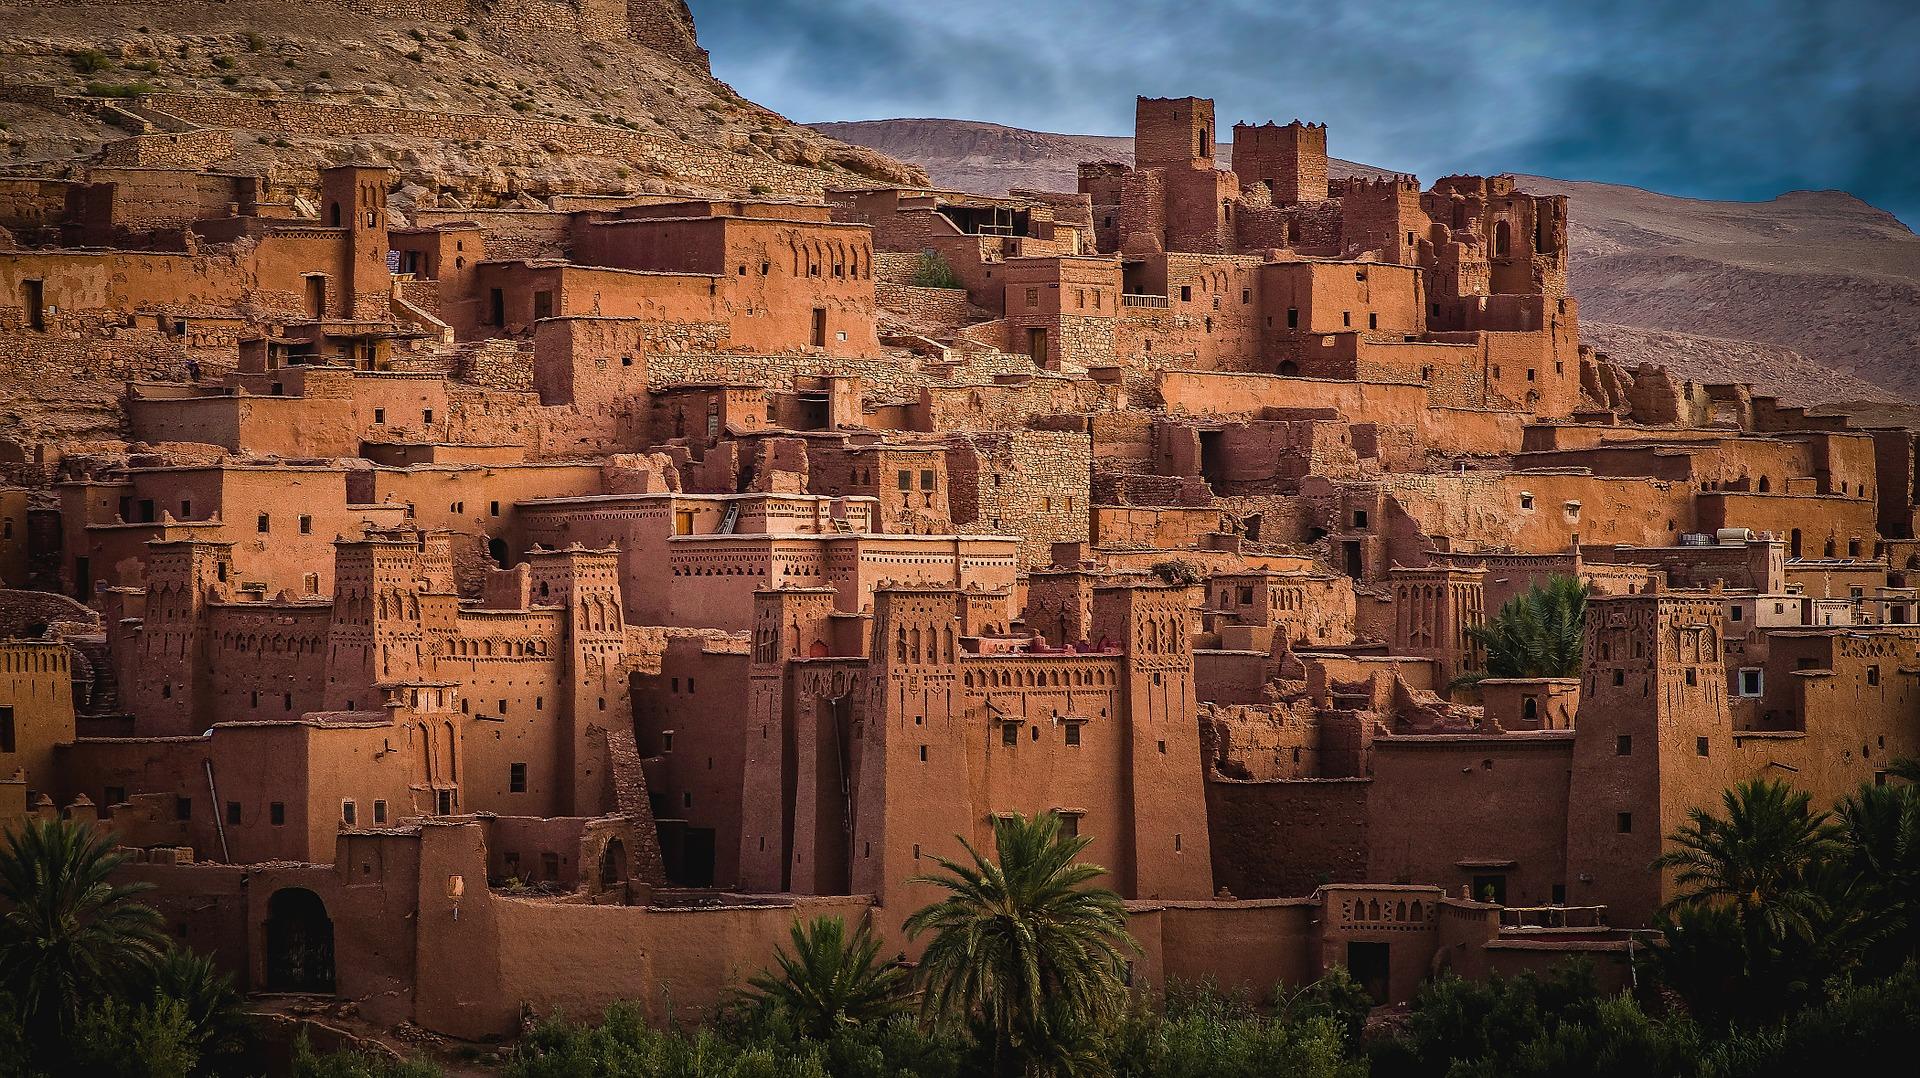 Day 6: Merzouga- Ait Benhadou- Marrakech